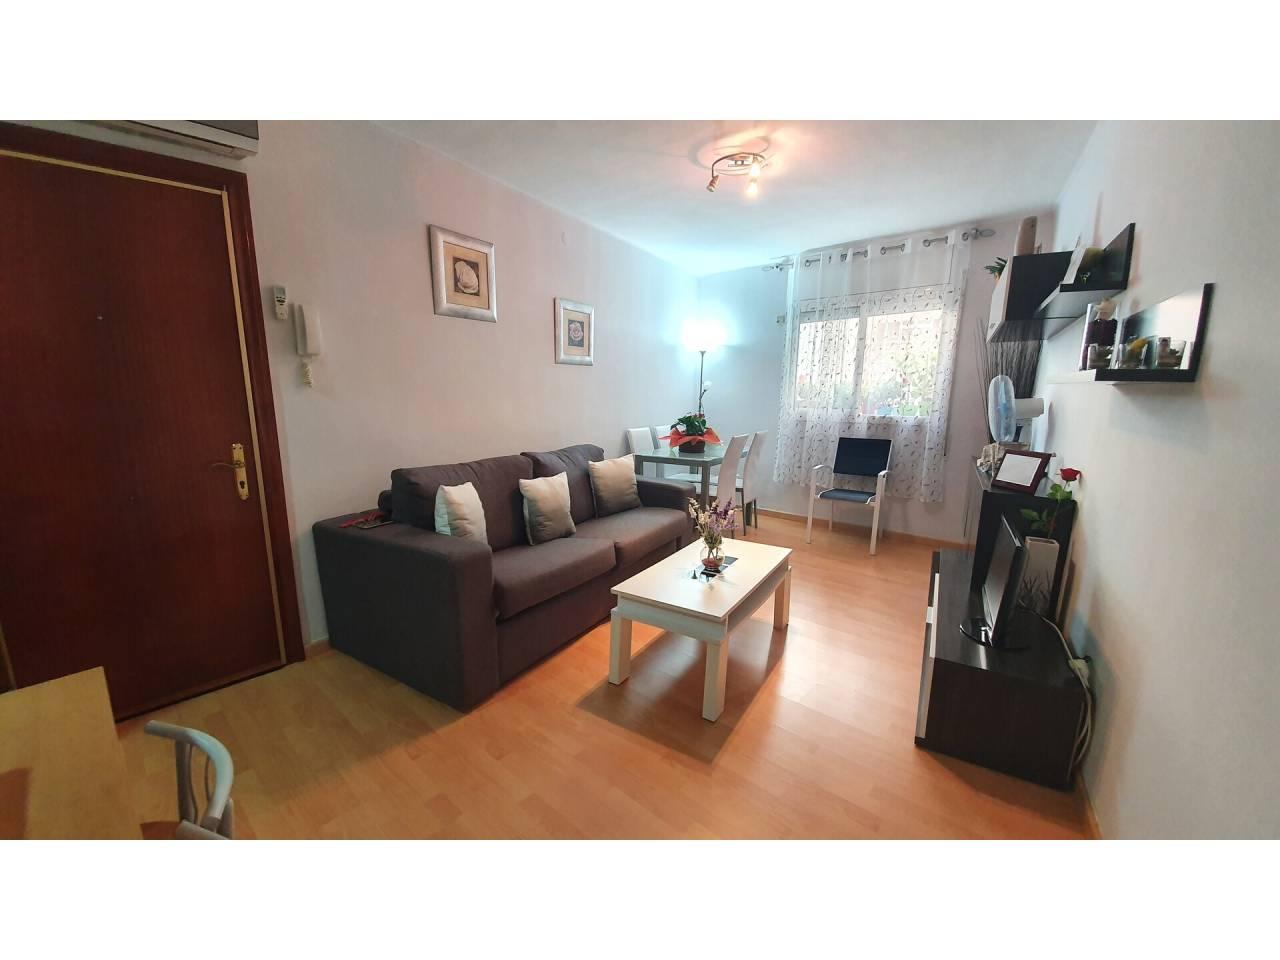 pisos en reus · centre 75000€